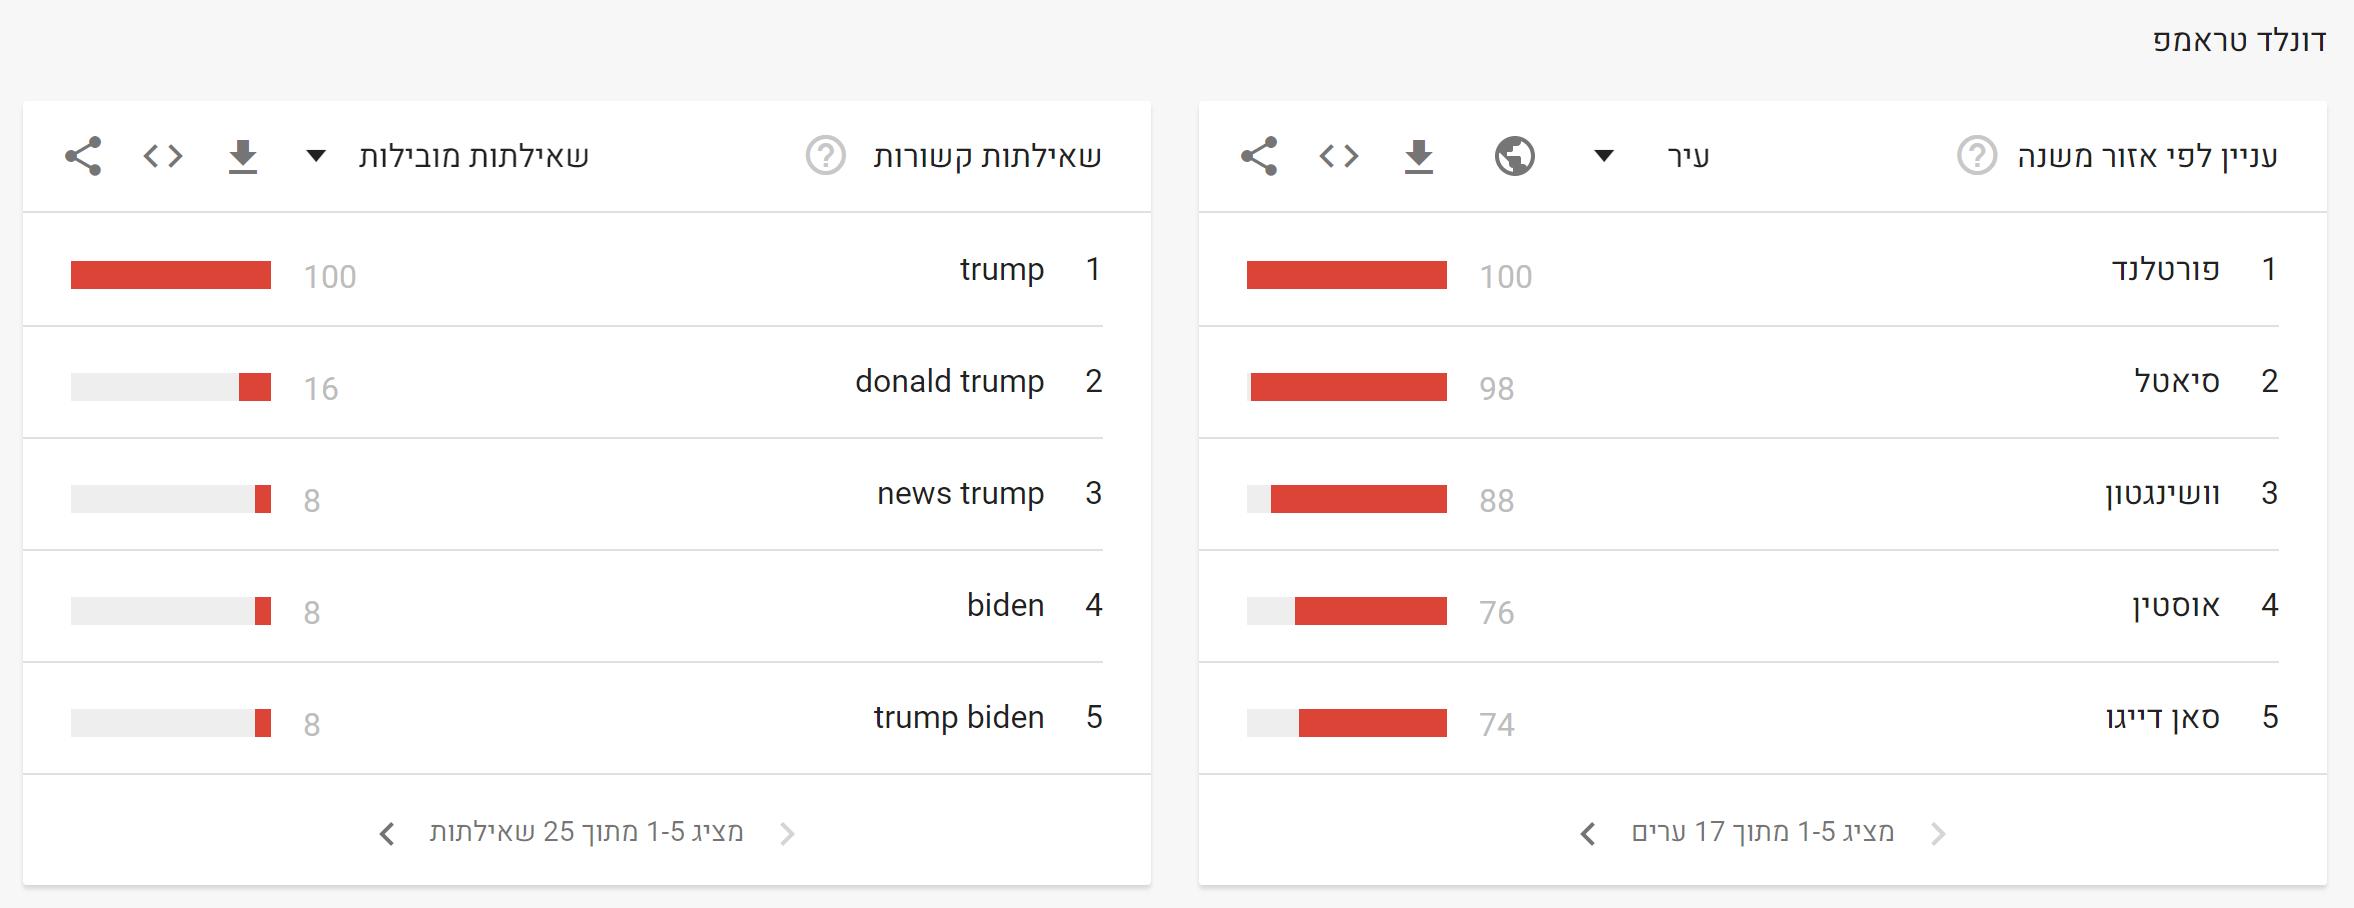 בחירות ארהב 2020 גוגל (8)